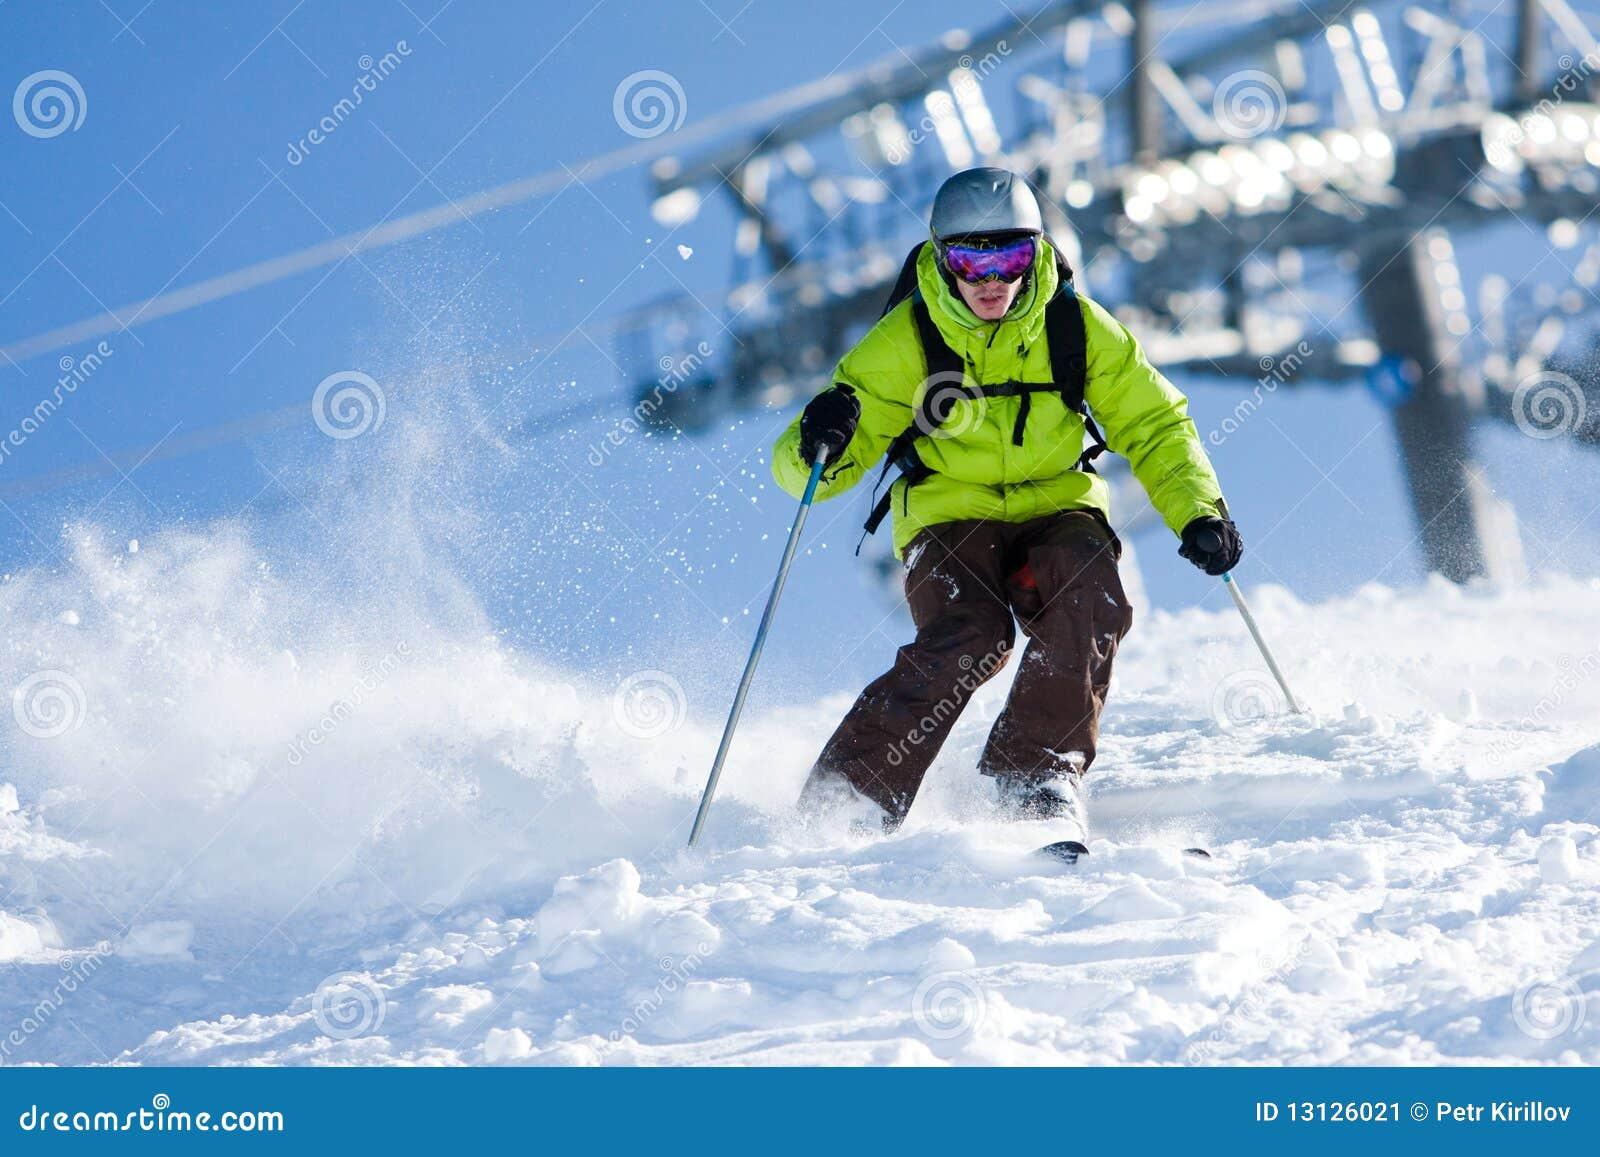 Piste滑雪